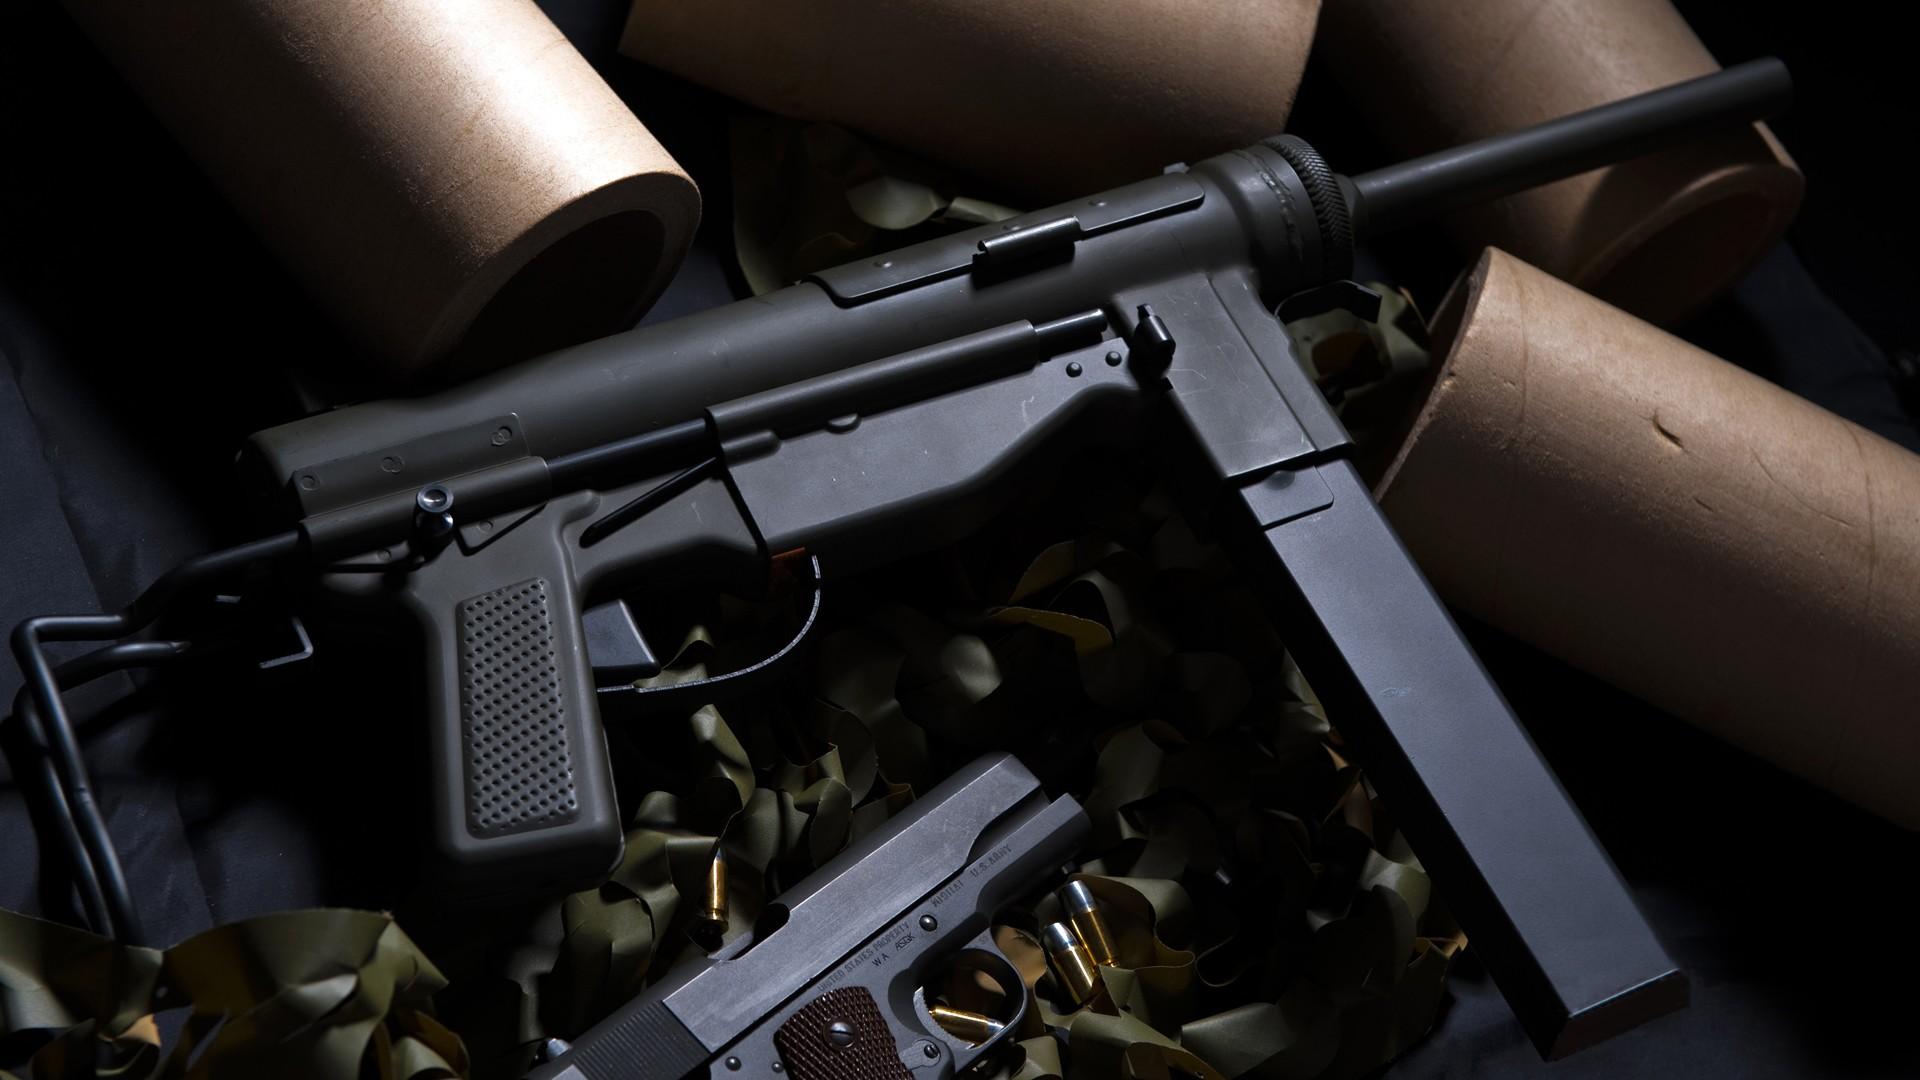 Hd Wallpapers 1920X1080 Guns wallpaper   1126253 1920x1080